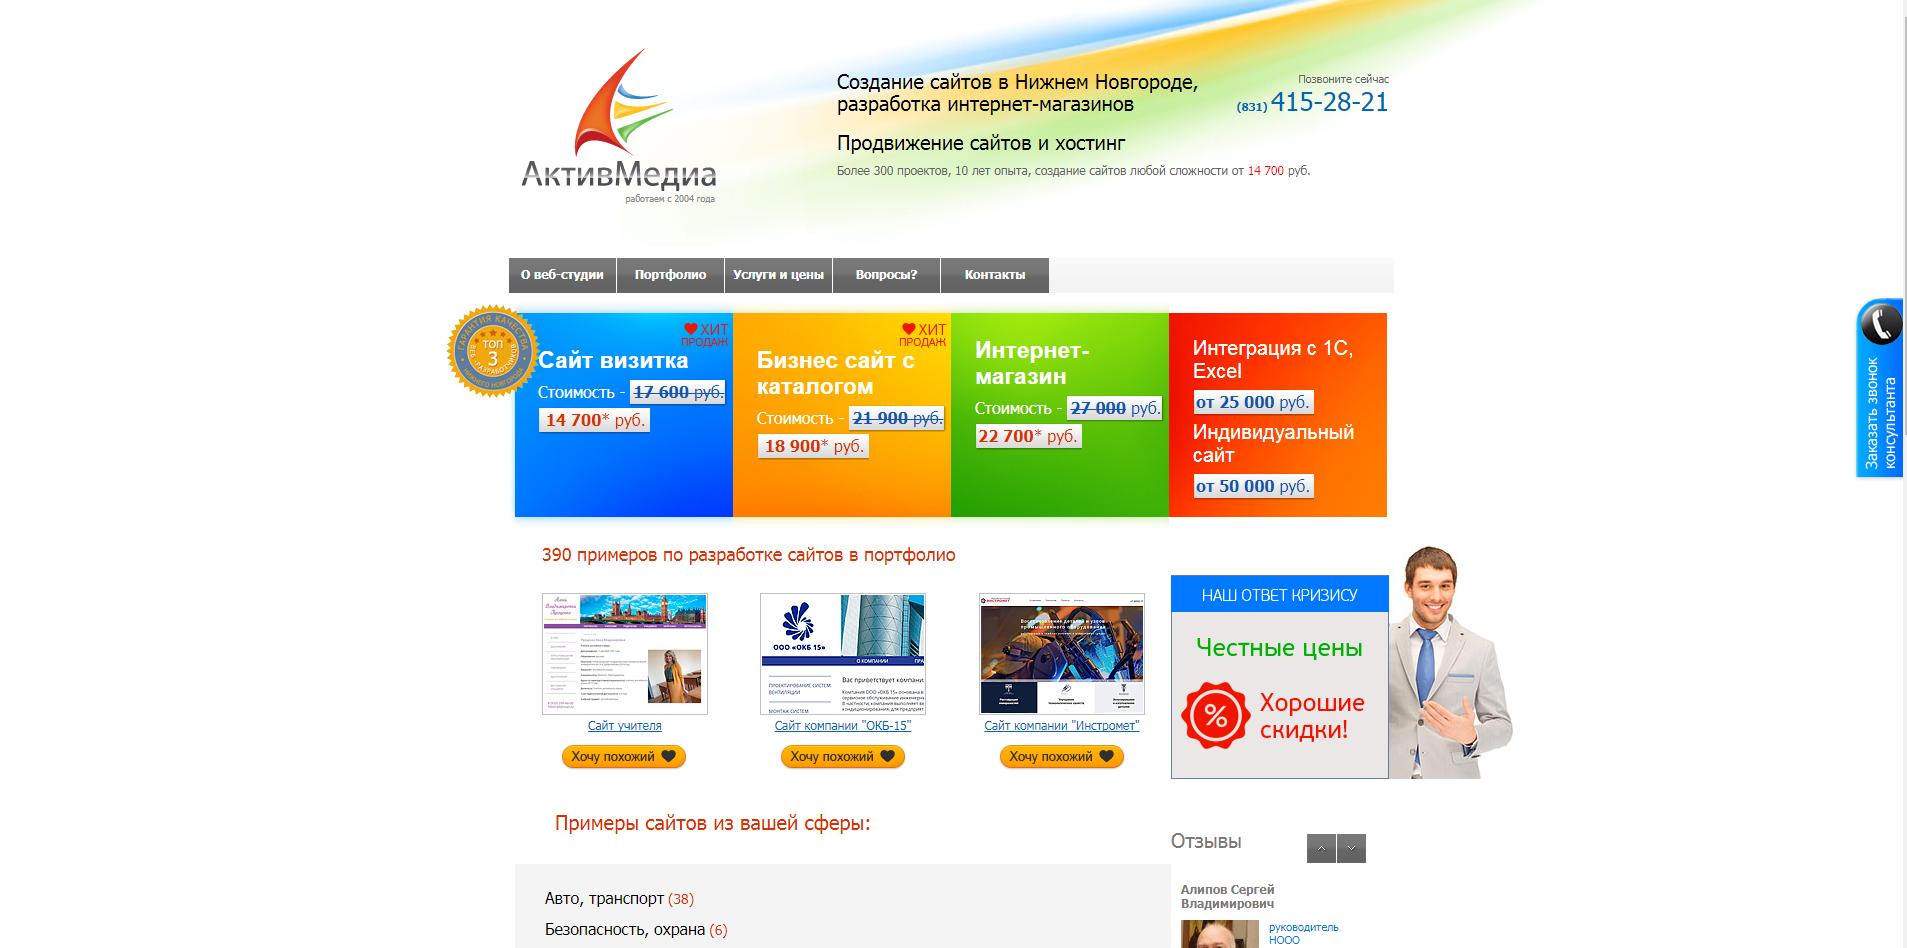 Создание сайта в нижнем новгороде отзывы сайт управляющих компаний димитровграда